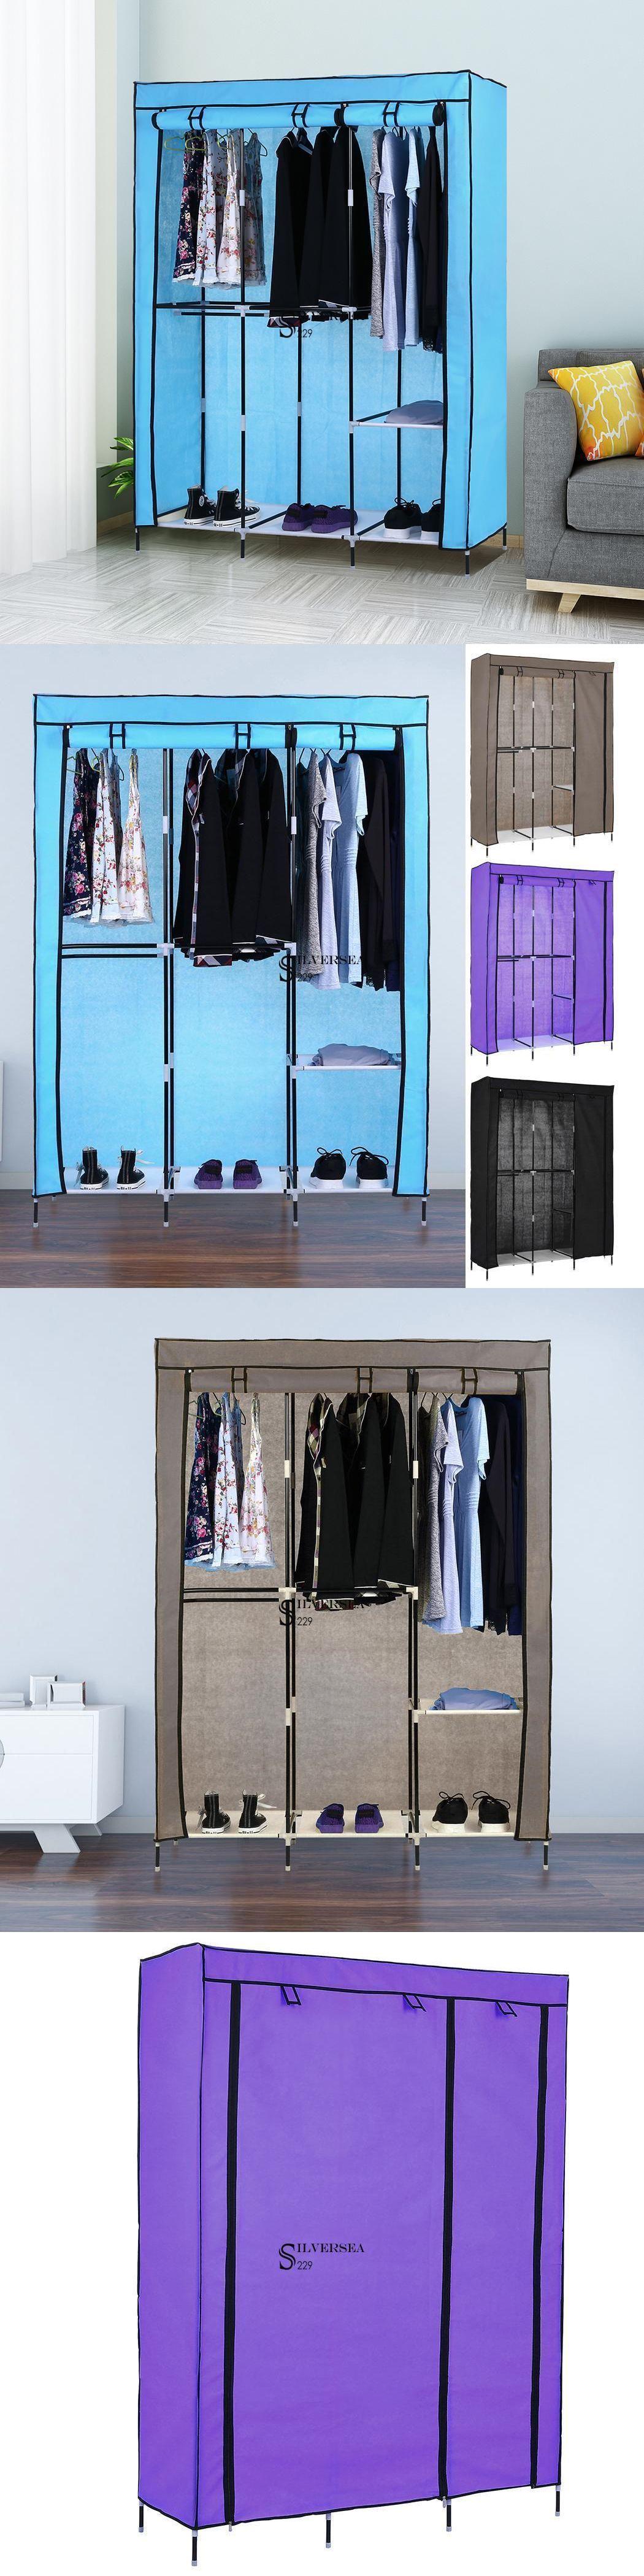 Armoires et penderies 103430: Home Space Saver, organisateurs de vêtements Cabinet Wardr …